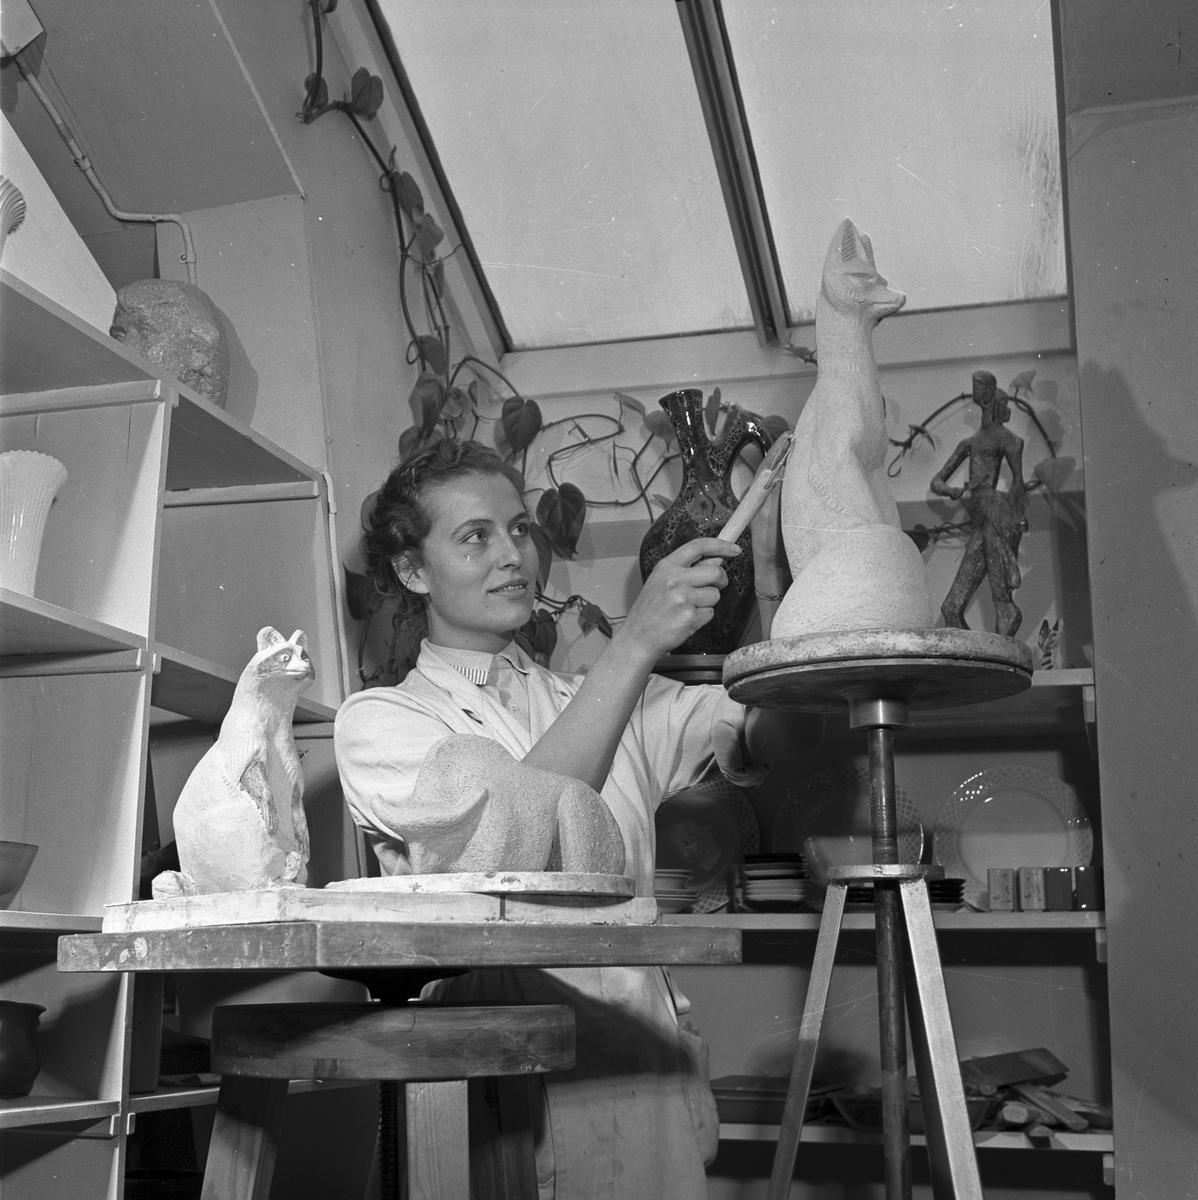 Gefle Porslinsfabrik. 26 november 1955. Tidningen Köpmannen, Stockholm. Redaktör Lindholm.